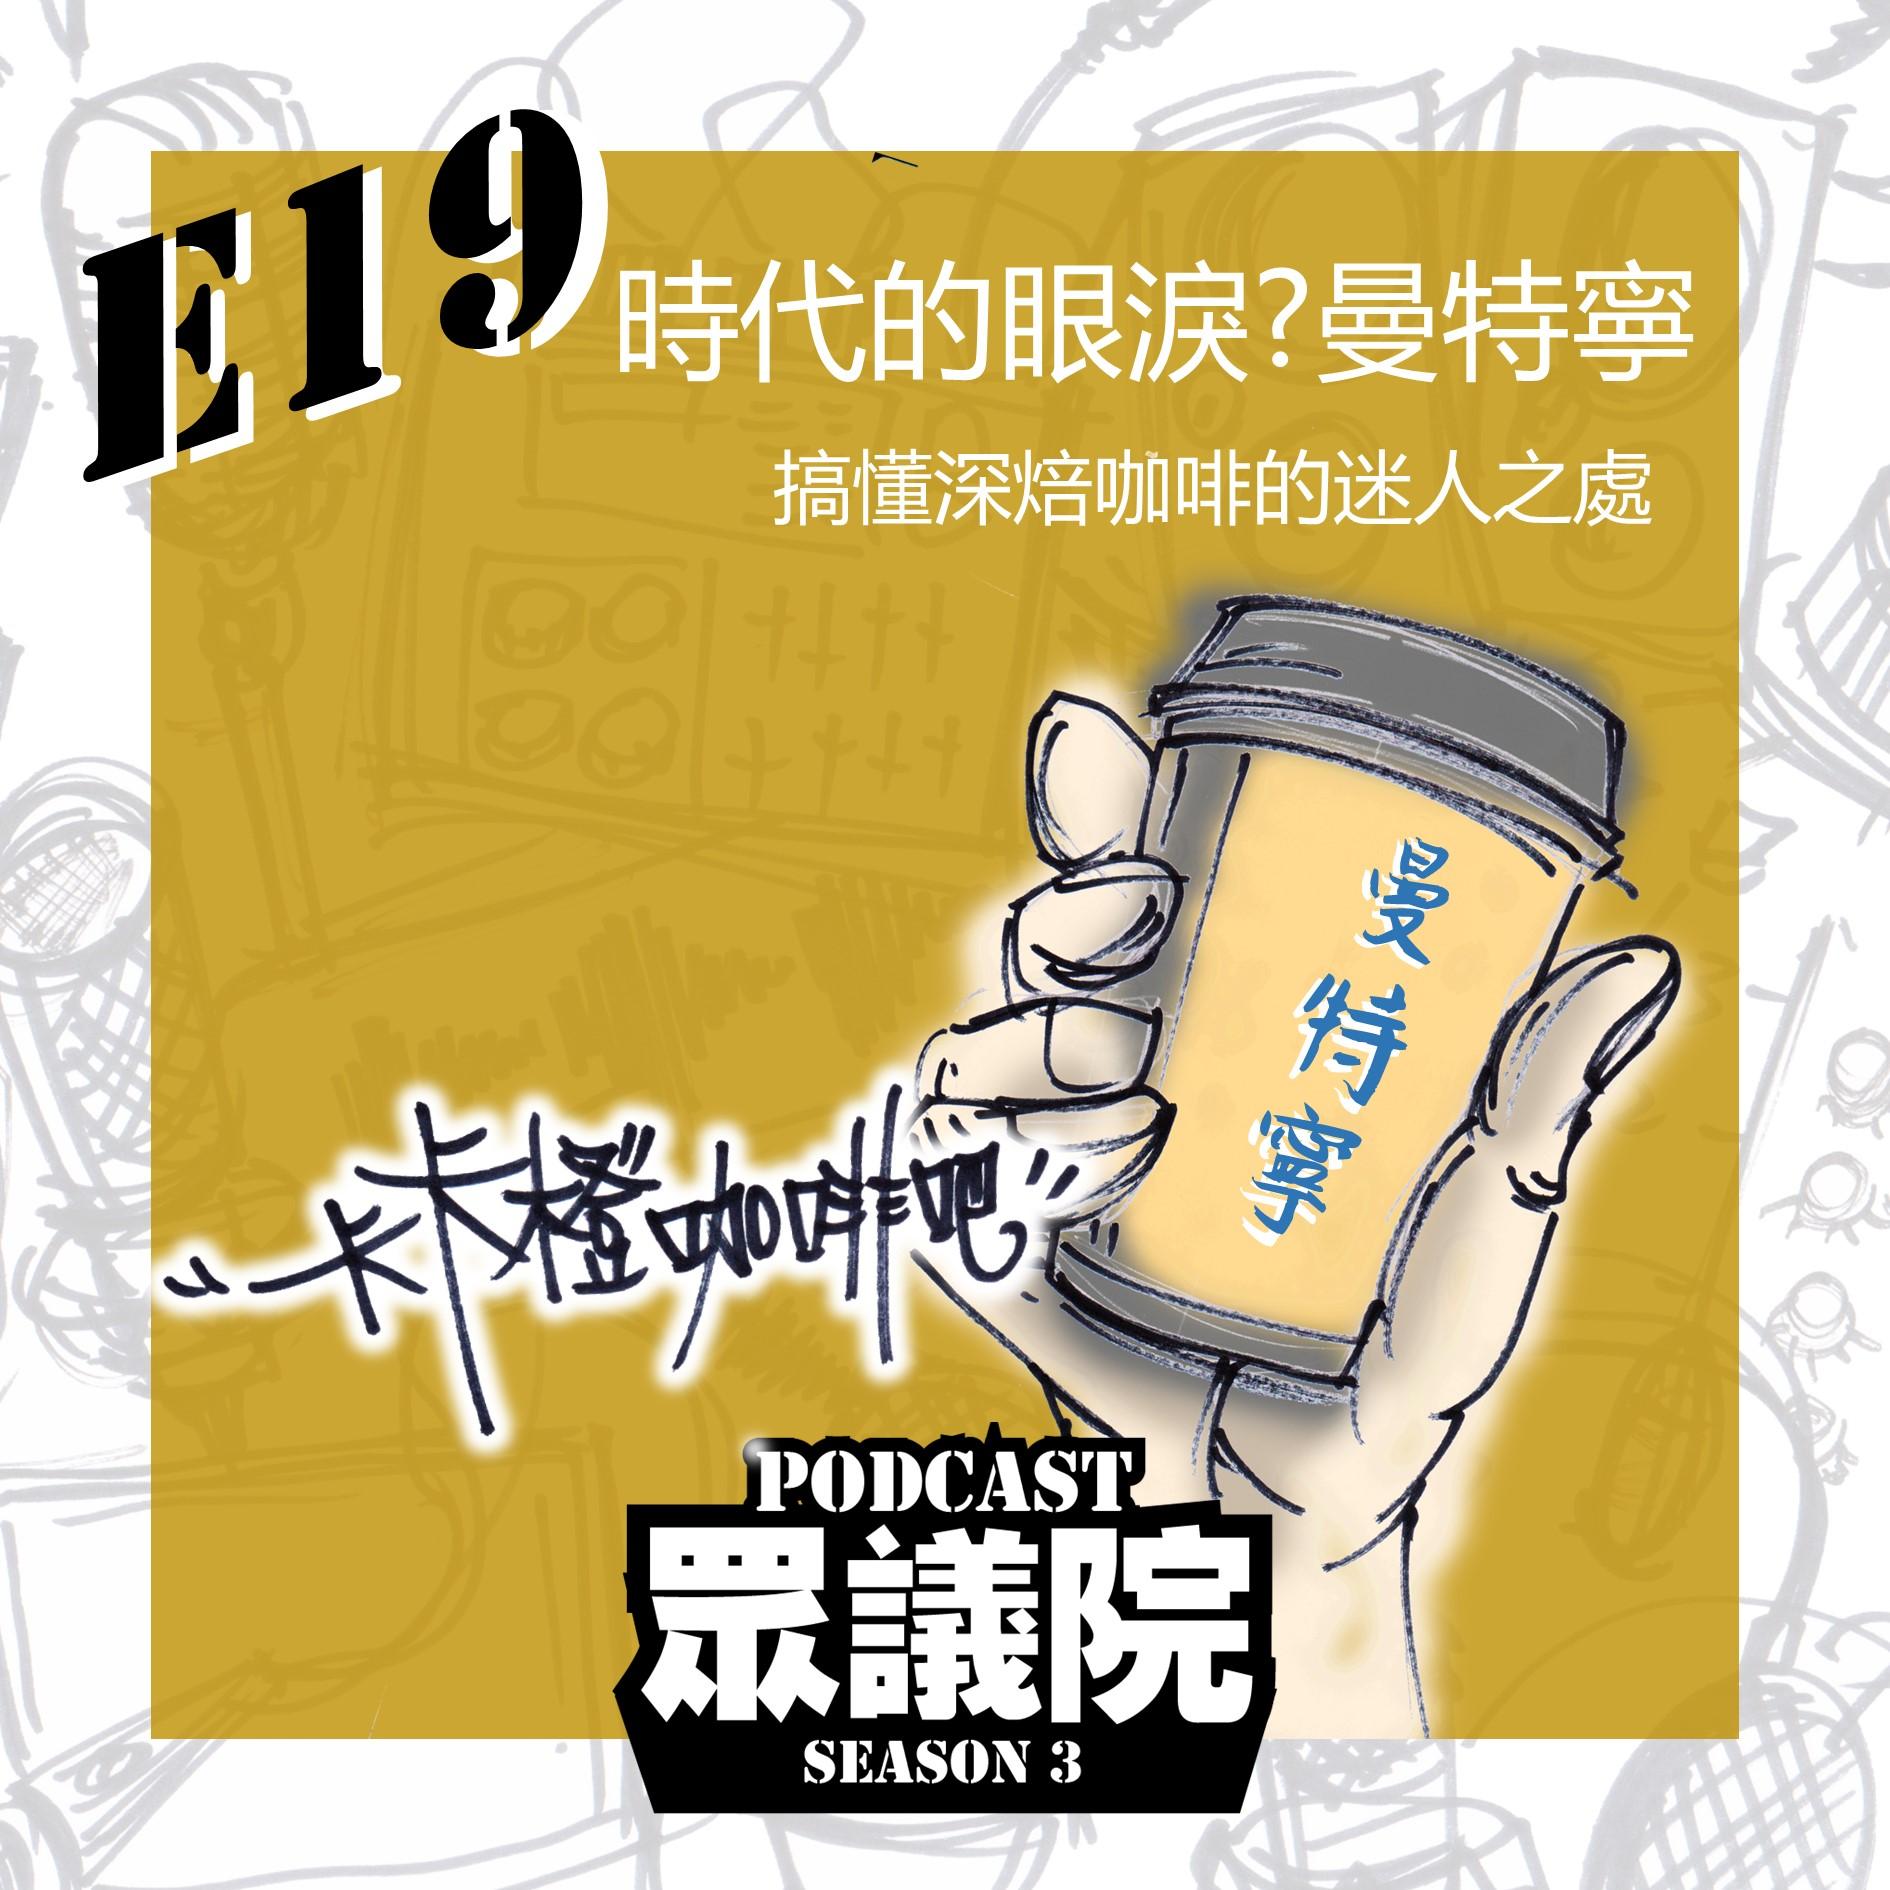 時代的眼淚?上個世代的老文青:虹吸式咖啡&曼特寧;現在還有人在喝曼特寧嗎?那可是老饕才懂的精品【卡卡橙咖啡吧】S3E019|Podcast眾議院